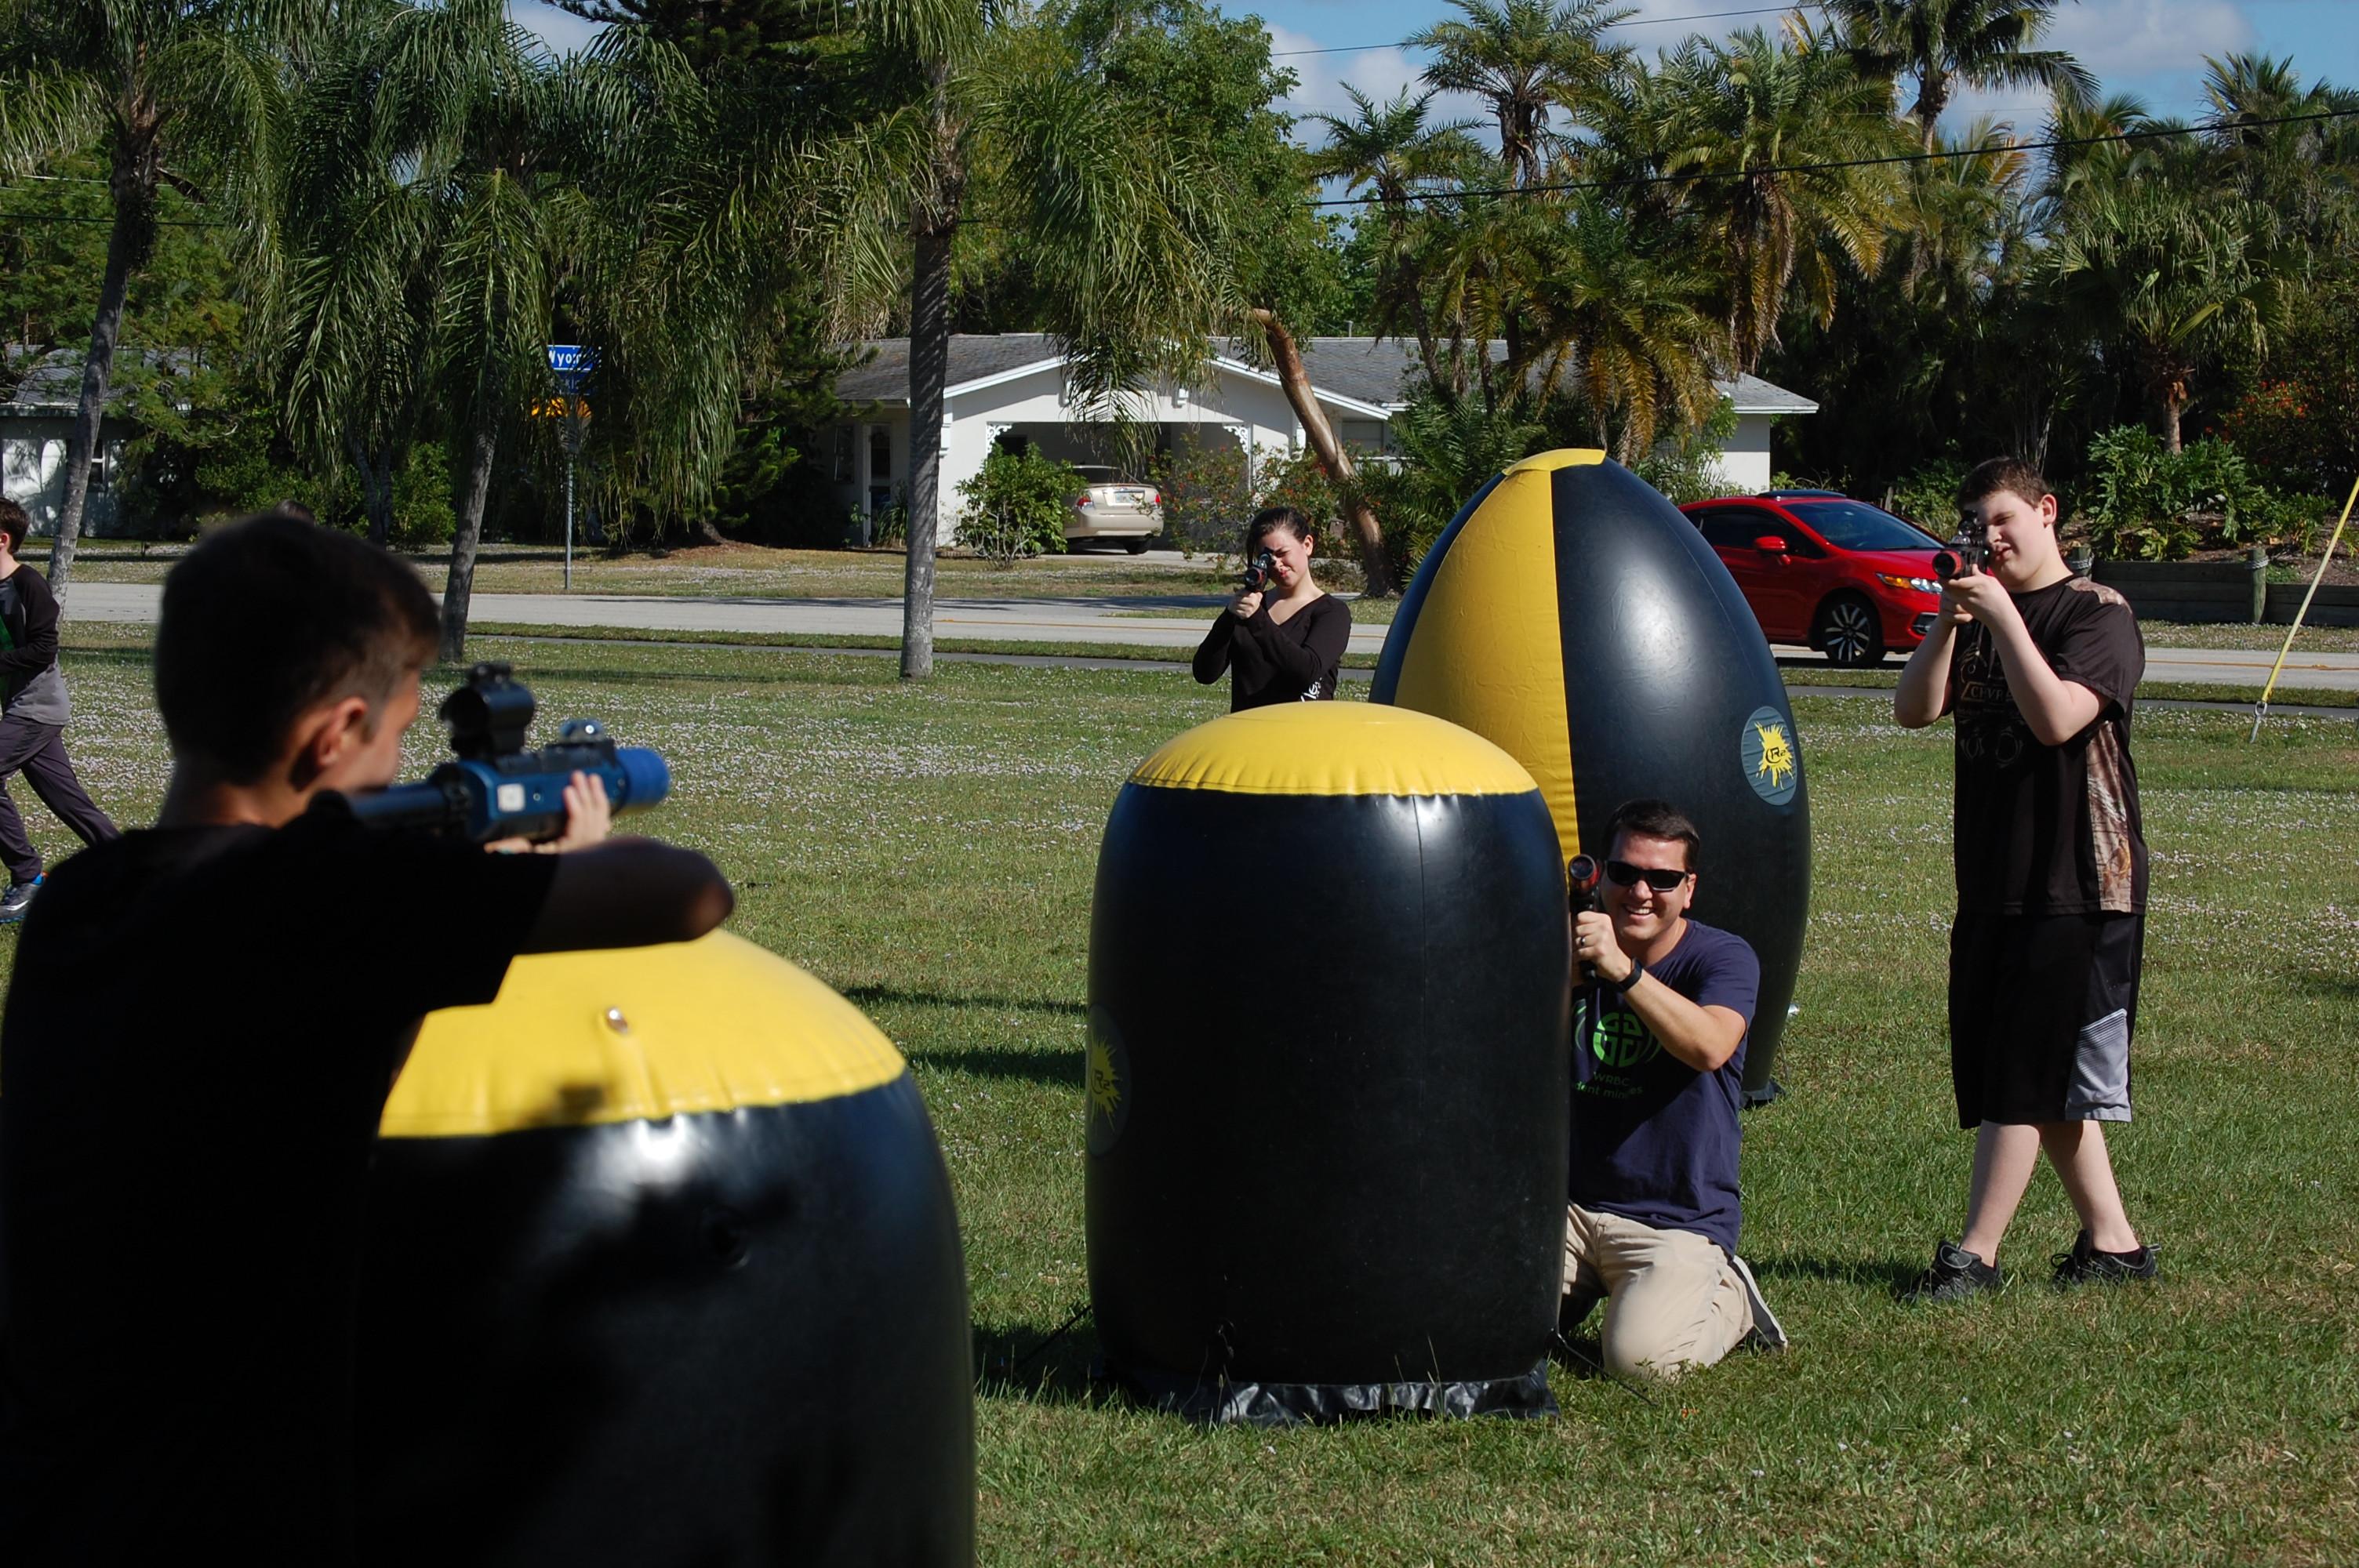 Laser Tag in Bradenton, FL